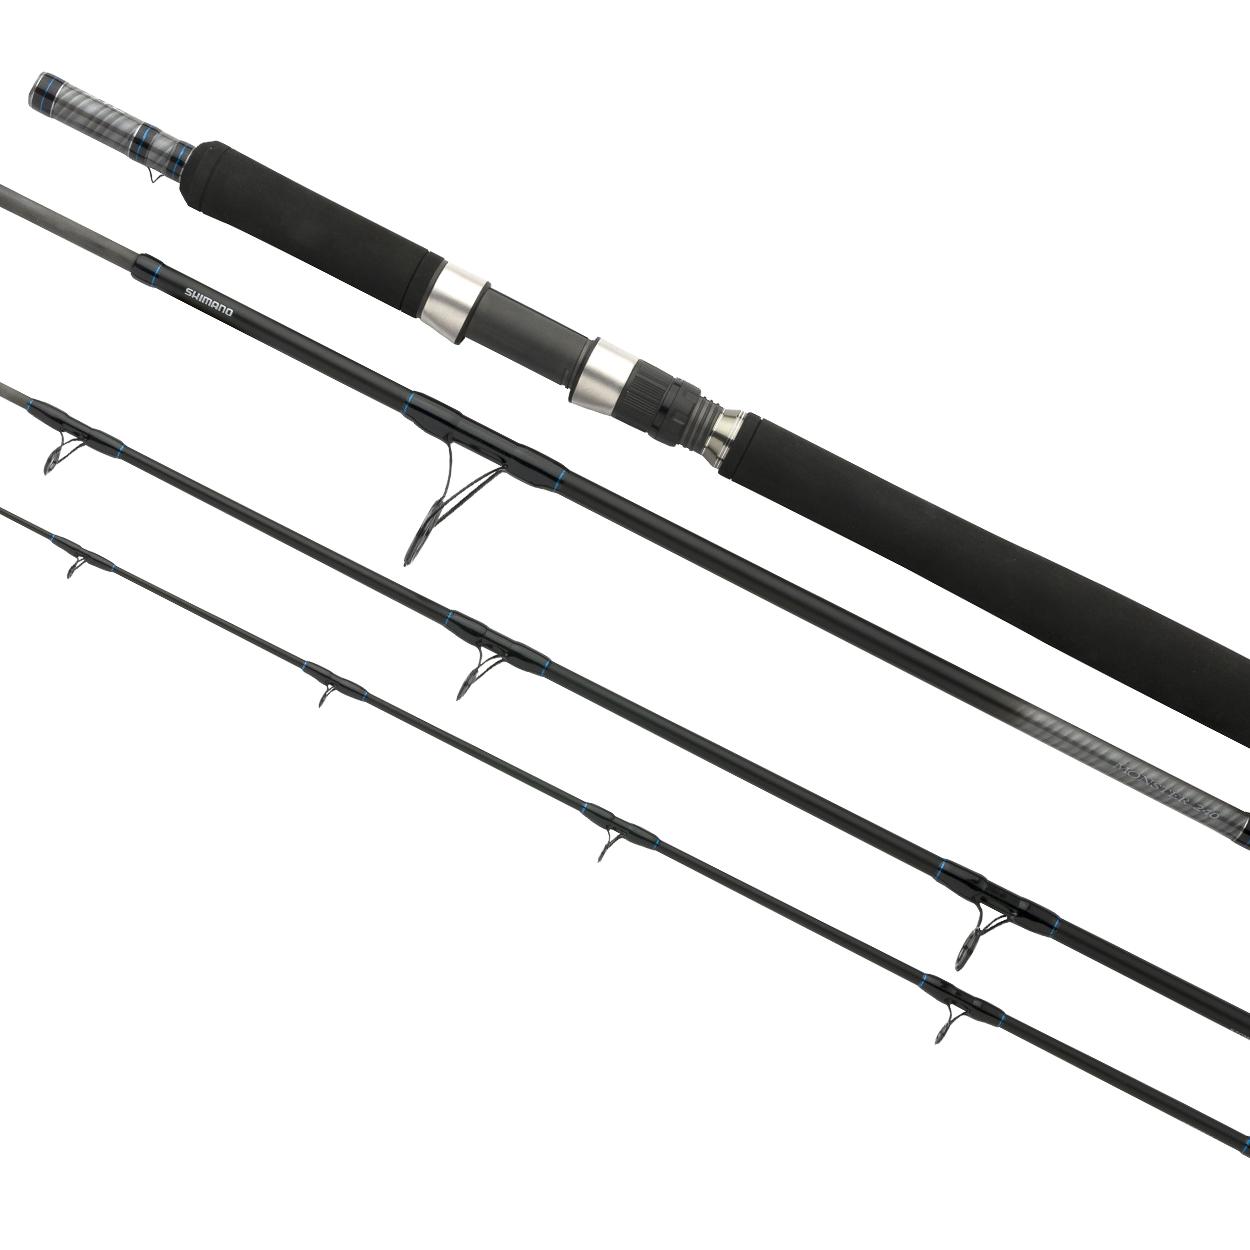 Удилища SHIMANO STC MONSTER 315 (+ Леска в подарок!) запчасть shimano стяжка sm vbrk для v br уг 110 гр